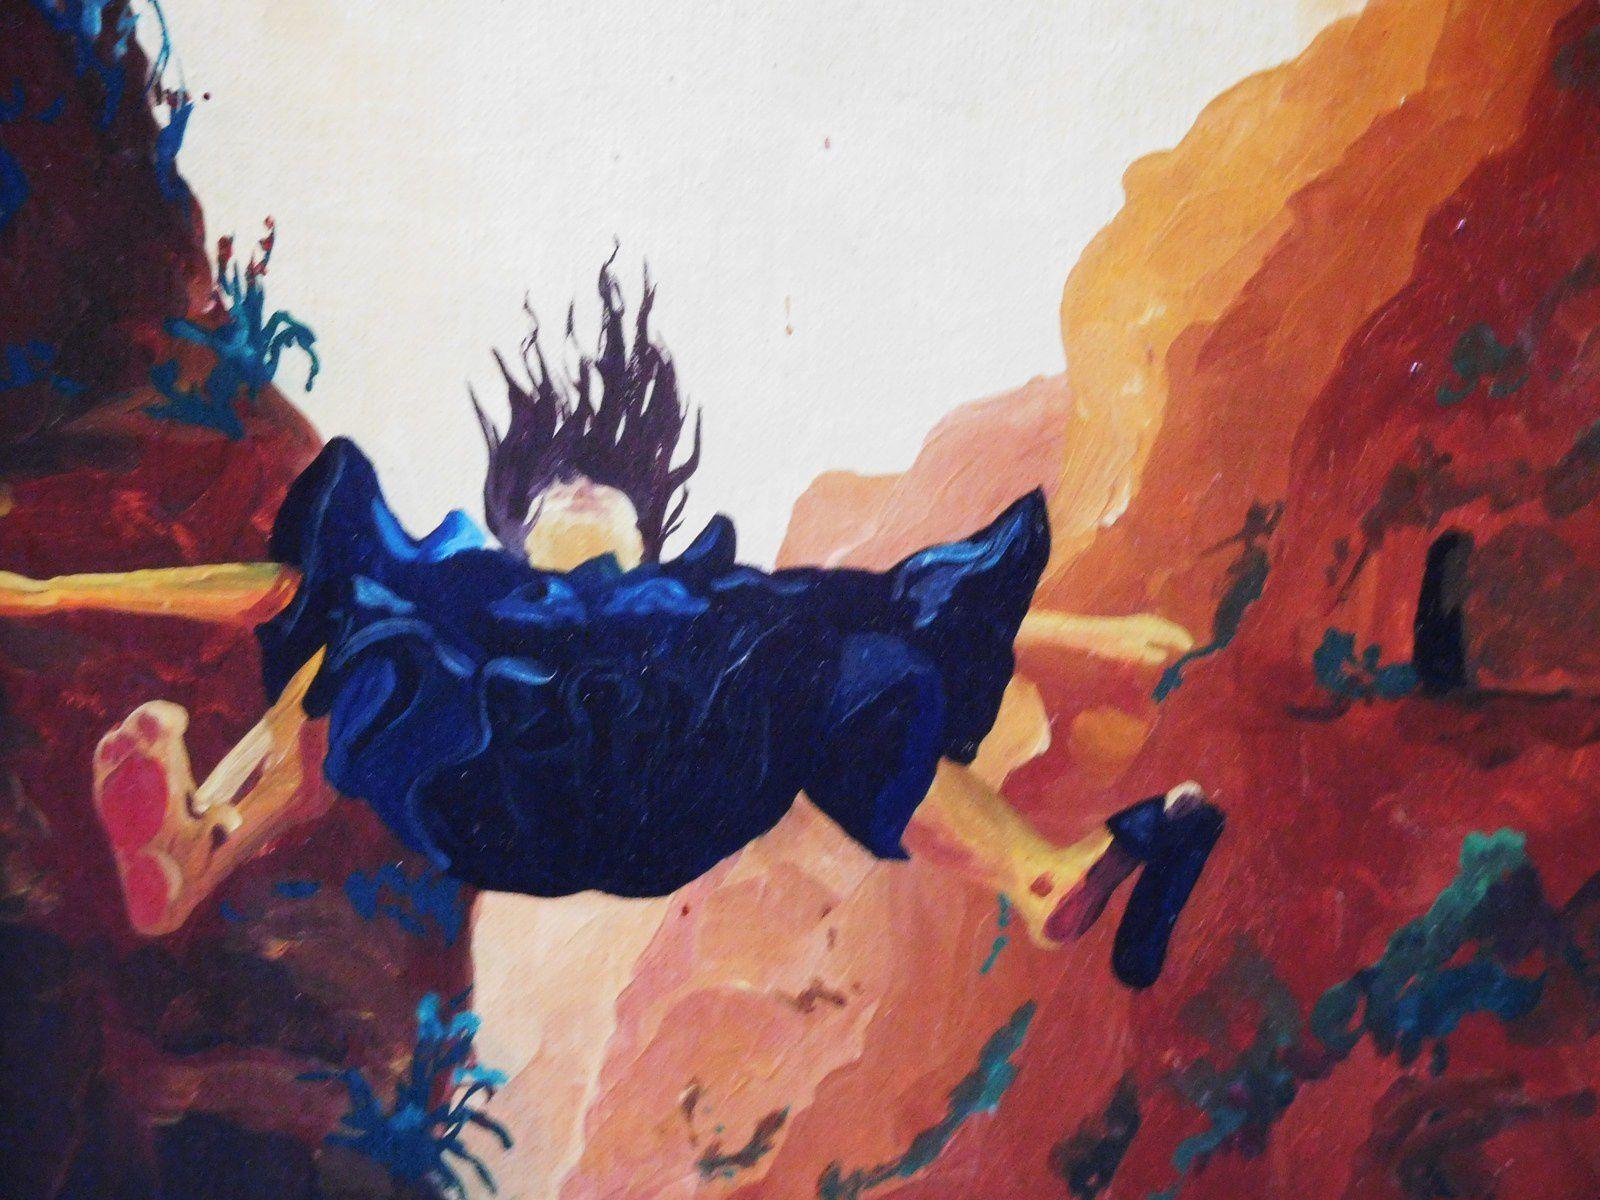 tableau de Bernard Rainero (photos : flora)